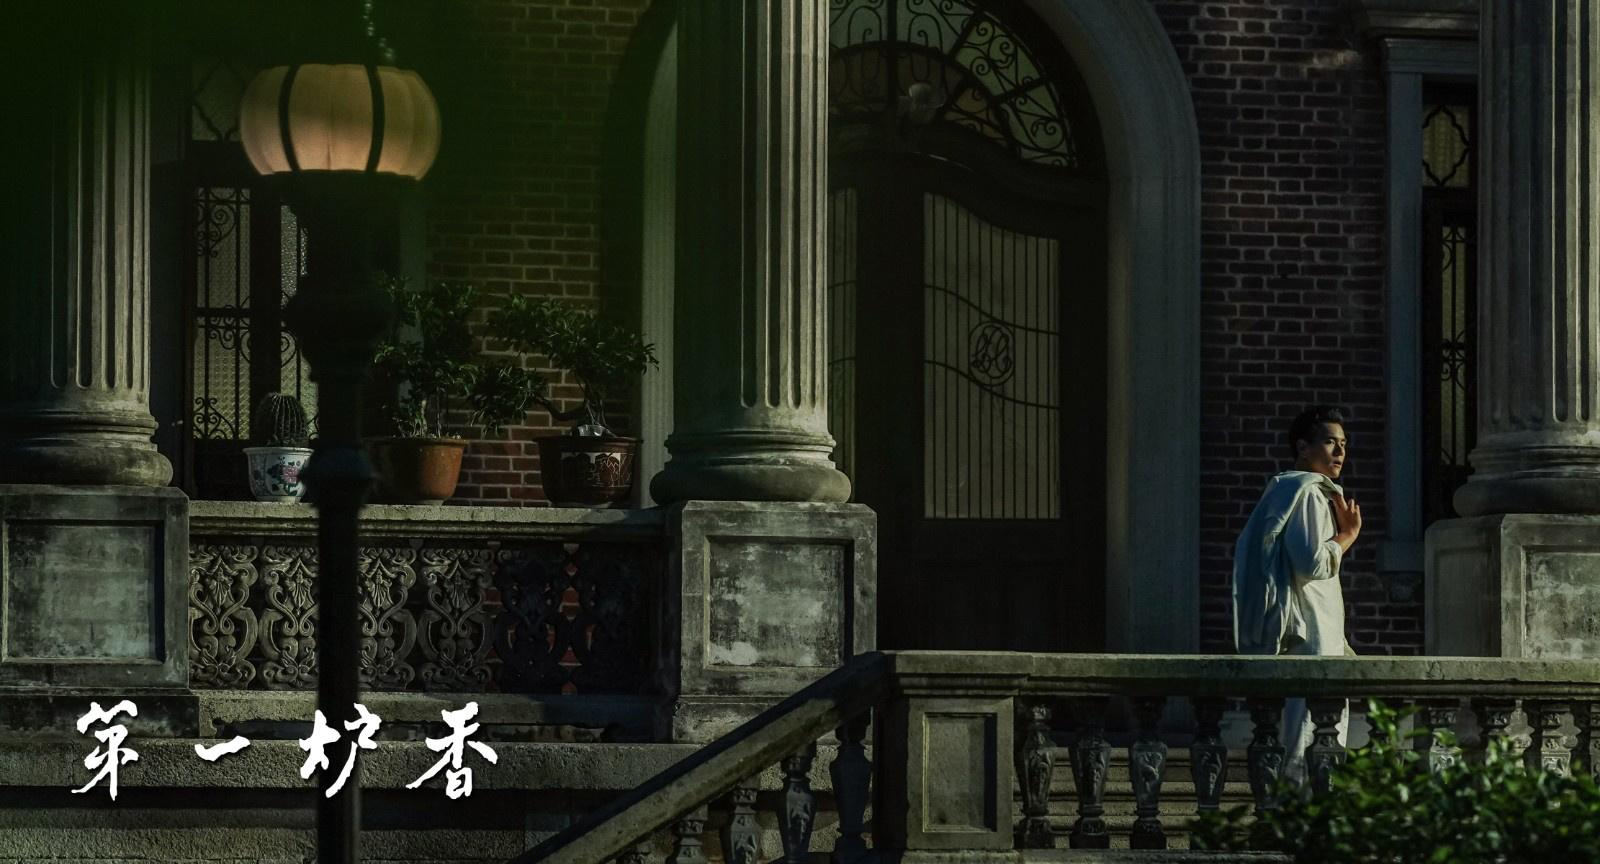 《第一炉香》入围东京电影节 精良质感点燃期待